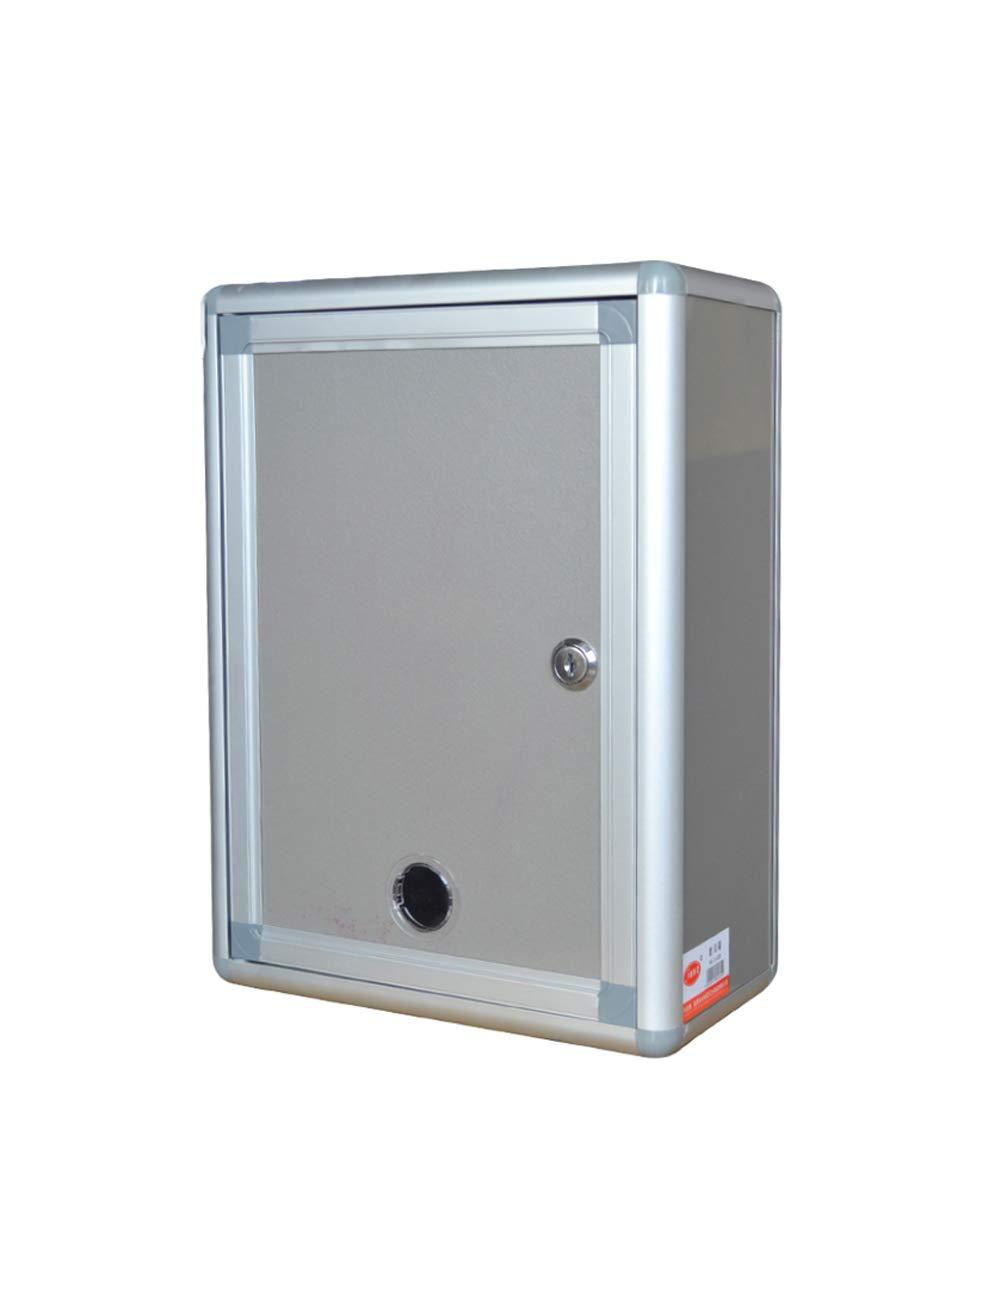 LXFMD En Blanco Caja de sugerencias Grande Pared Aluminio aleaci/ón Cerradura Empleado Personalidad Comunidad Hotel